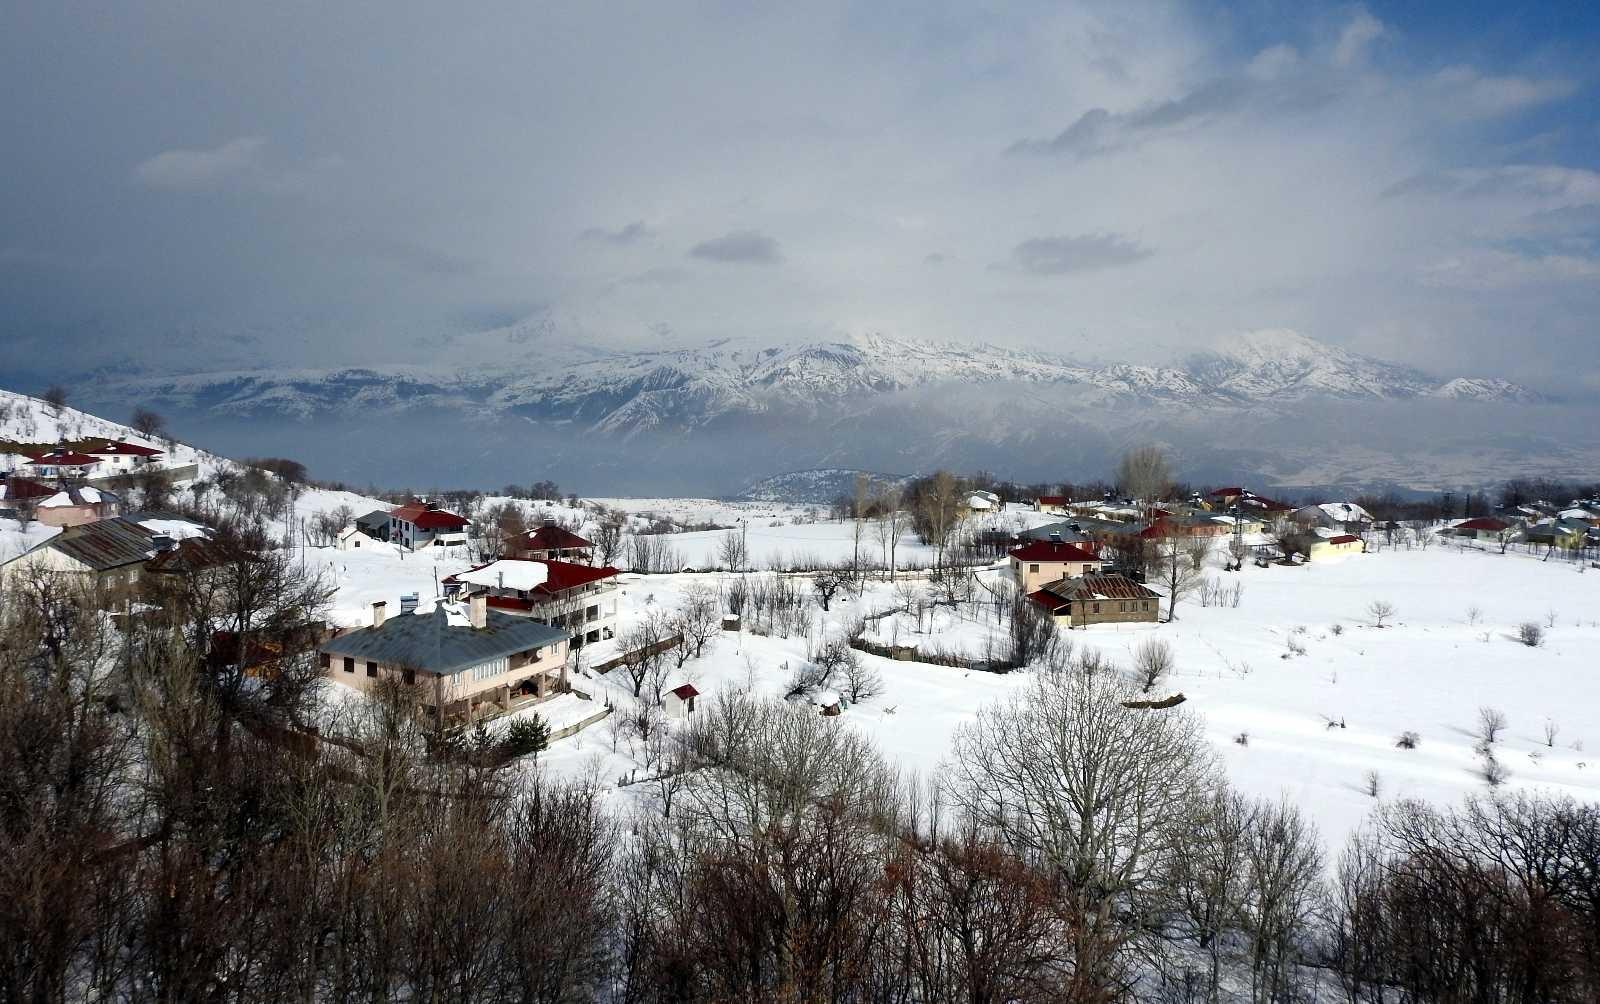 Bayburt'un yüksek kesimlerinde kar yağışı etkili oldu #bayburt